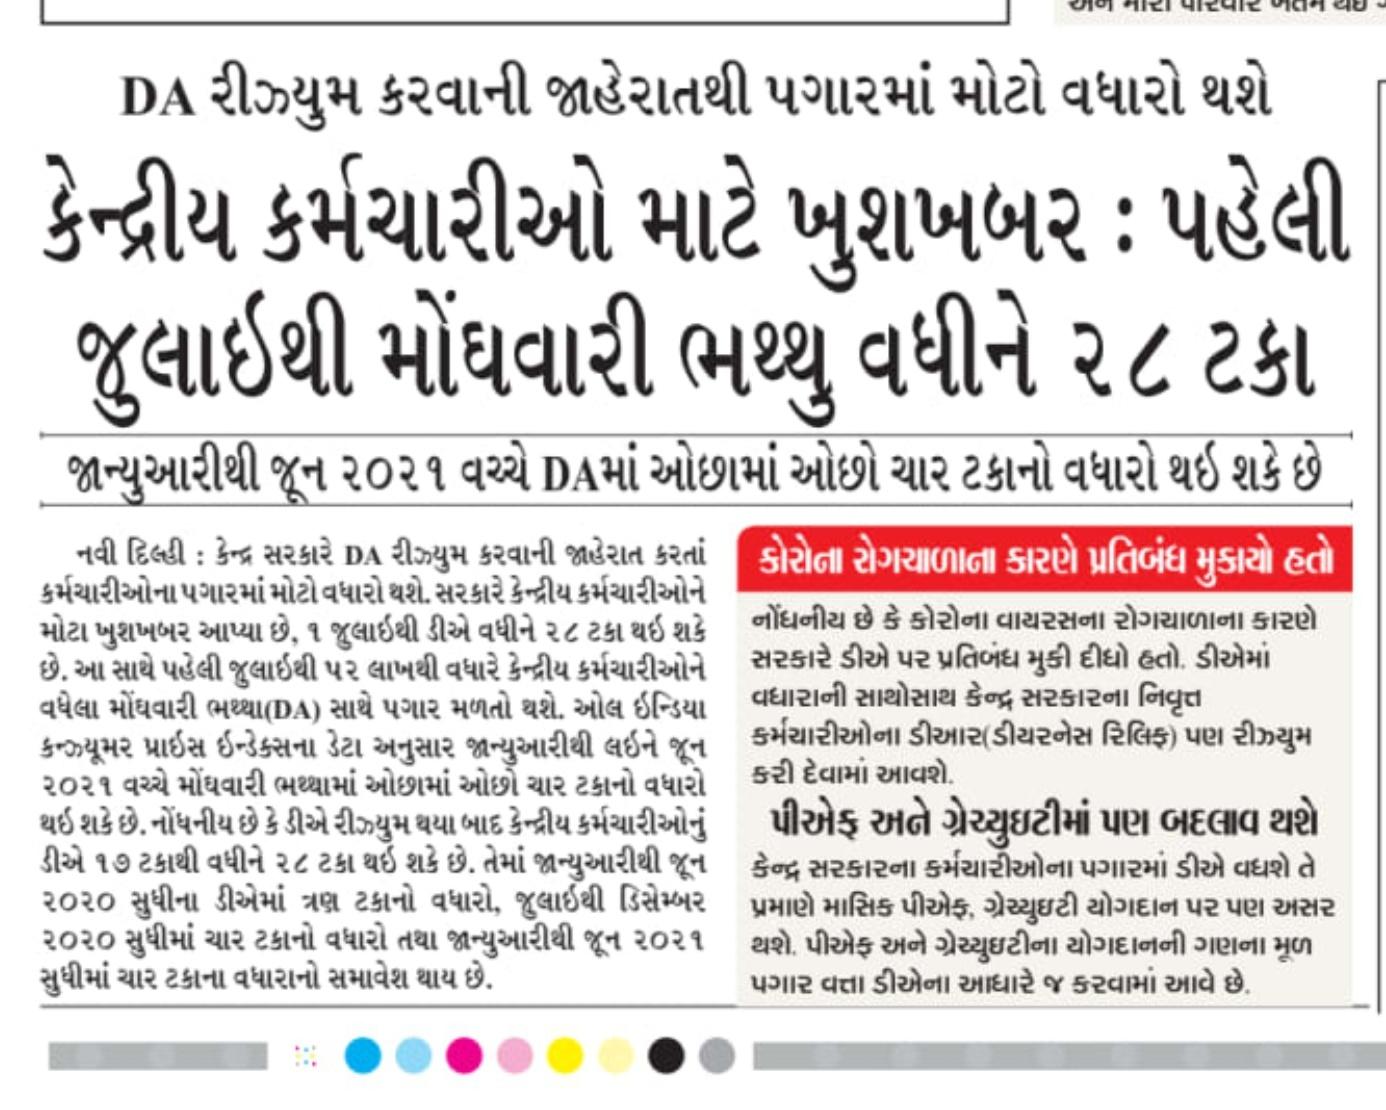 http://www.pravinvankar.in/2021/04/da-babat-mahtvapurn-samachar-par-ek.html